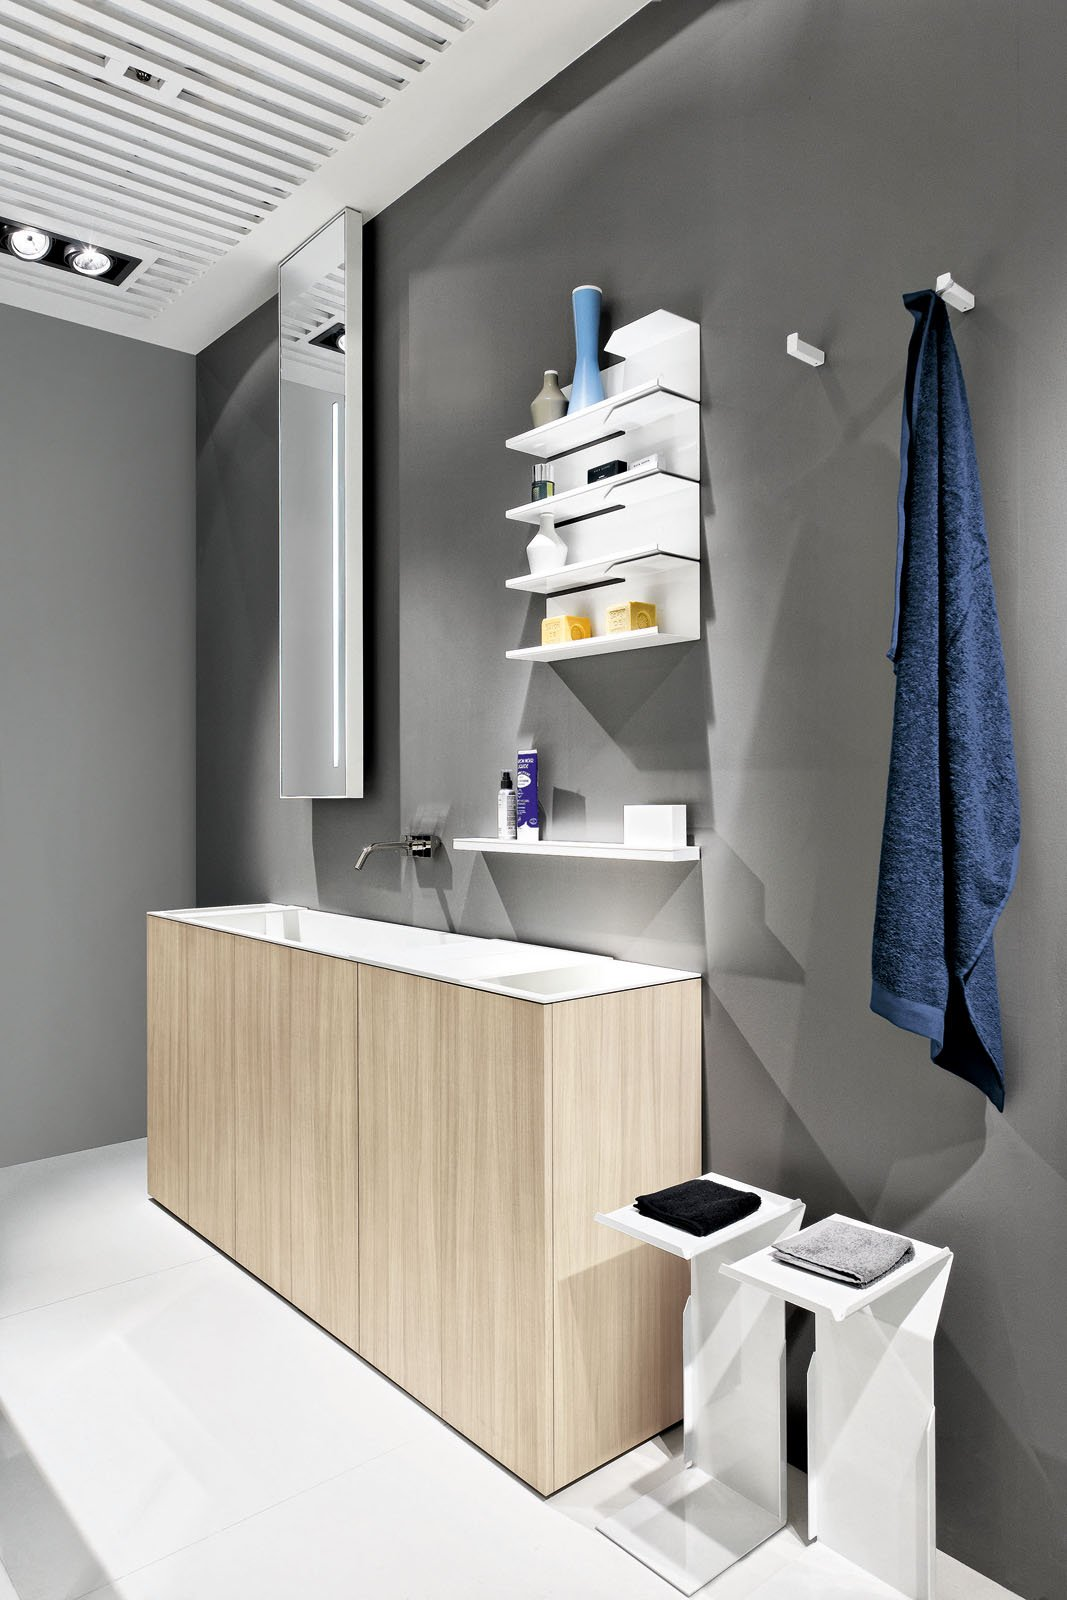 il mobile lavabo contenitore da terra light30 di makro design fa parte di un programma